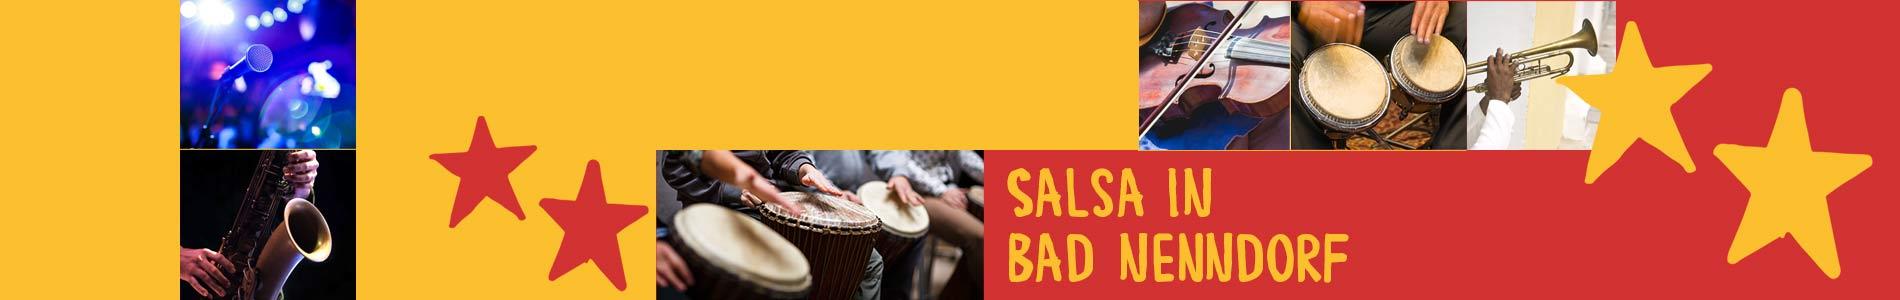 Salsa in Bad Nenndorf – Salsa lernen und tanzen, Tanzkurse, Partys, Veranstaltungen